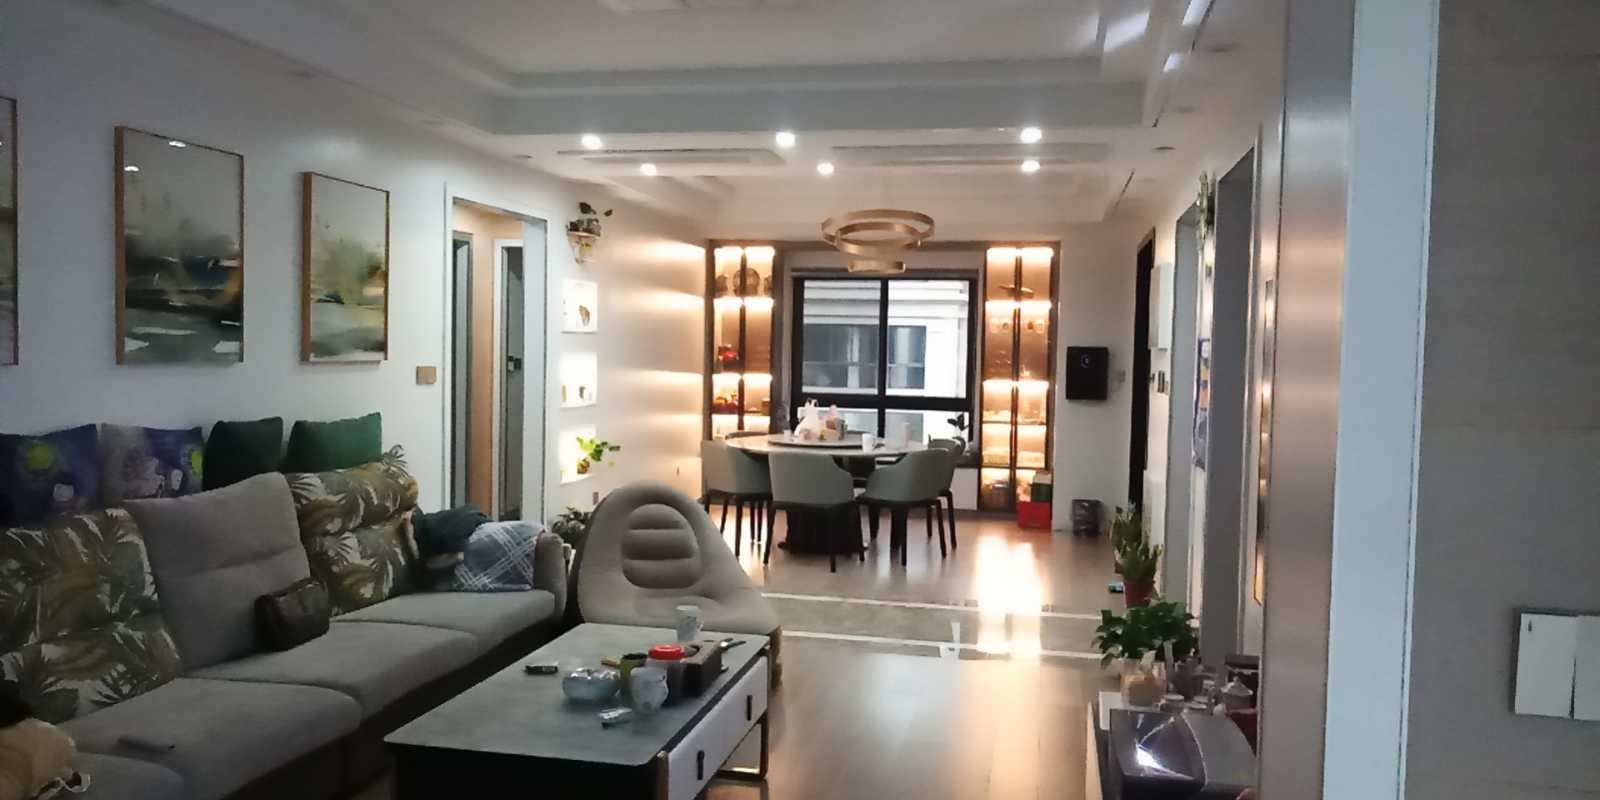 1230出售香悦半岛洋房5楼精装修136平方3-2-2售价188.8万 另有车位另计的实拍照片